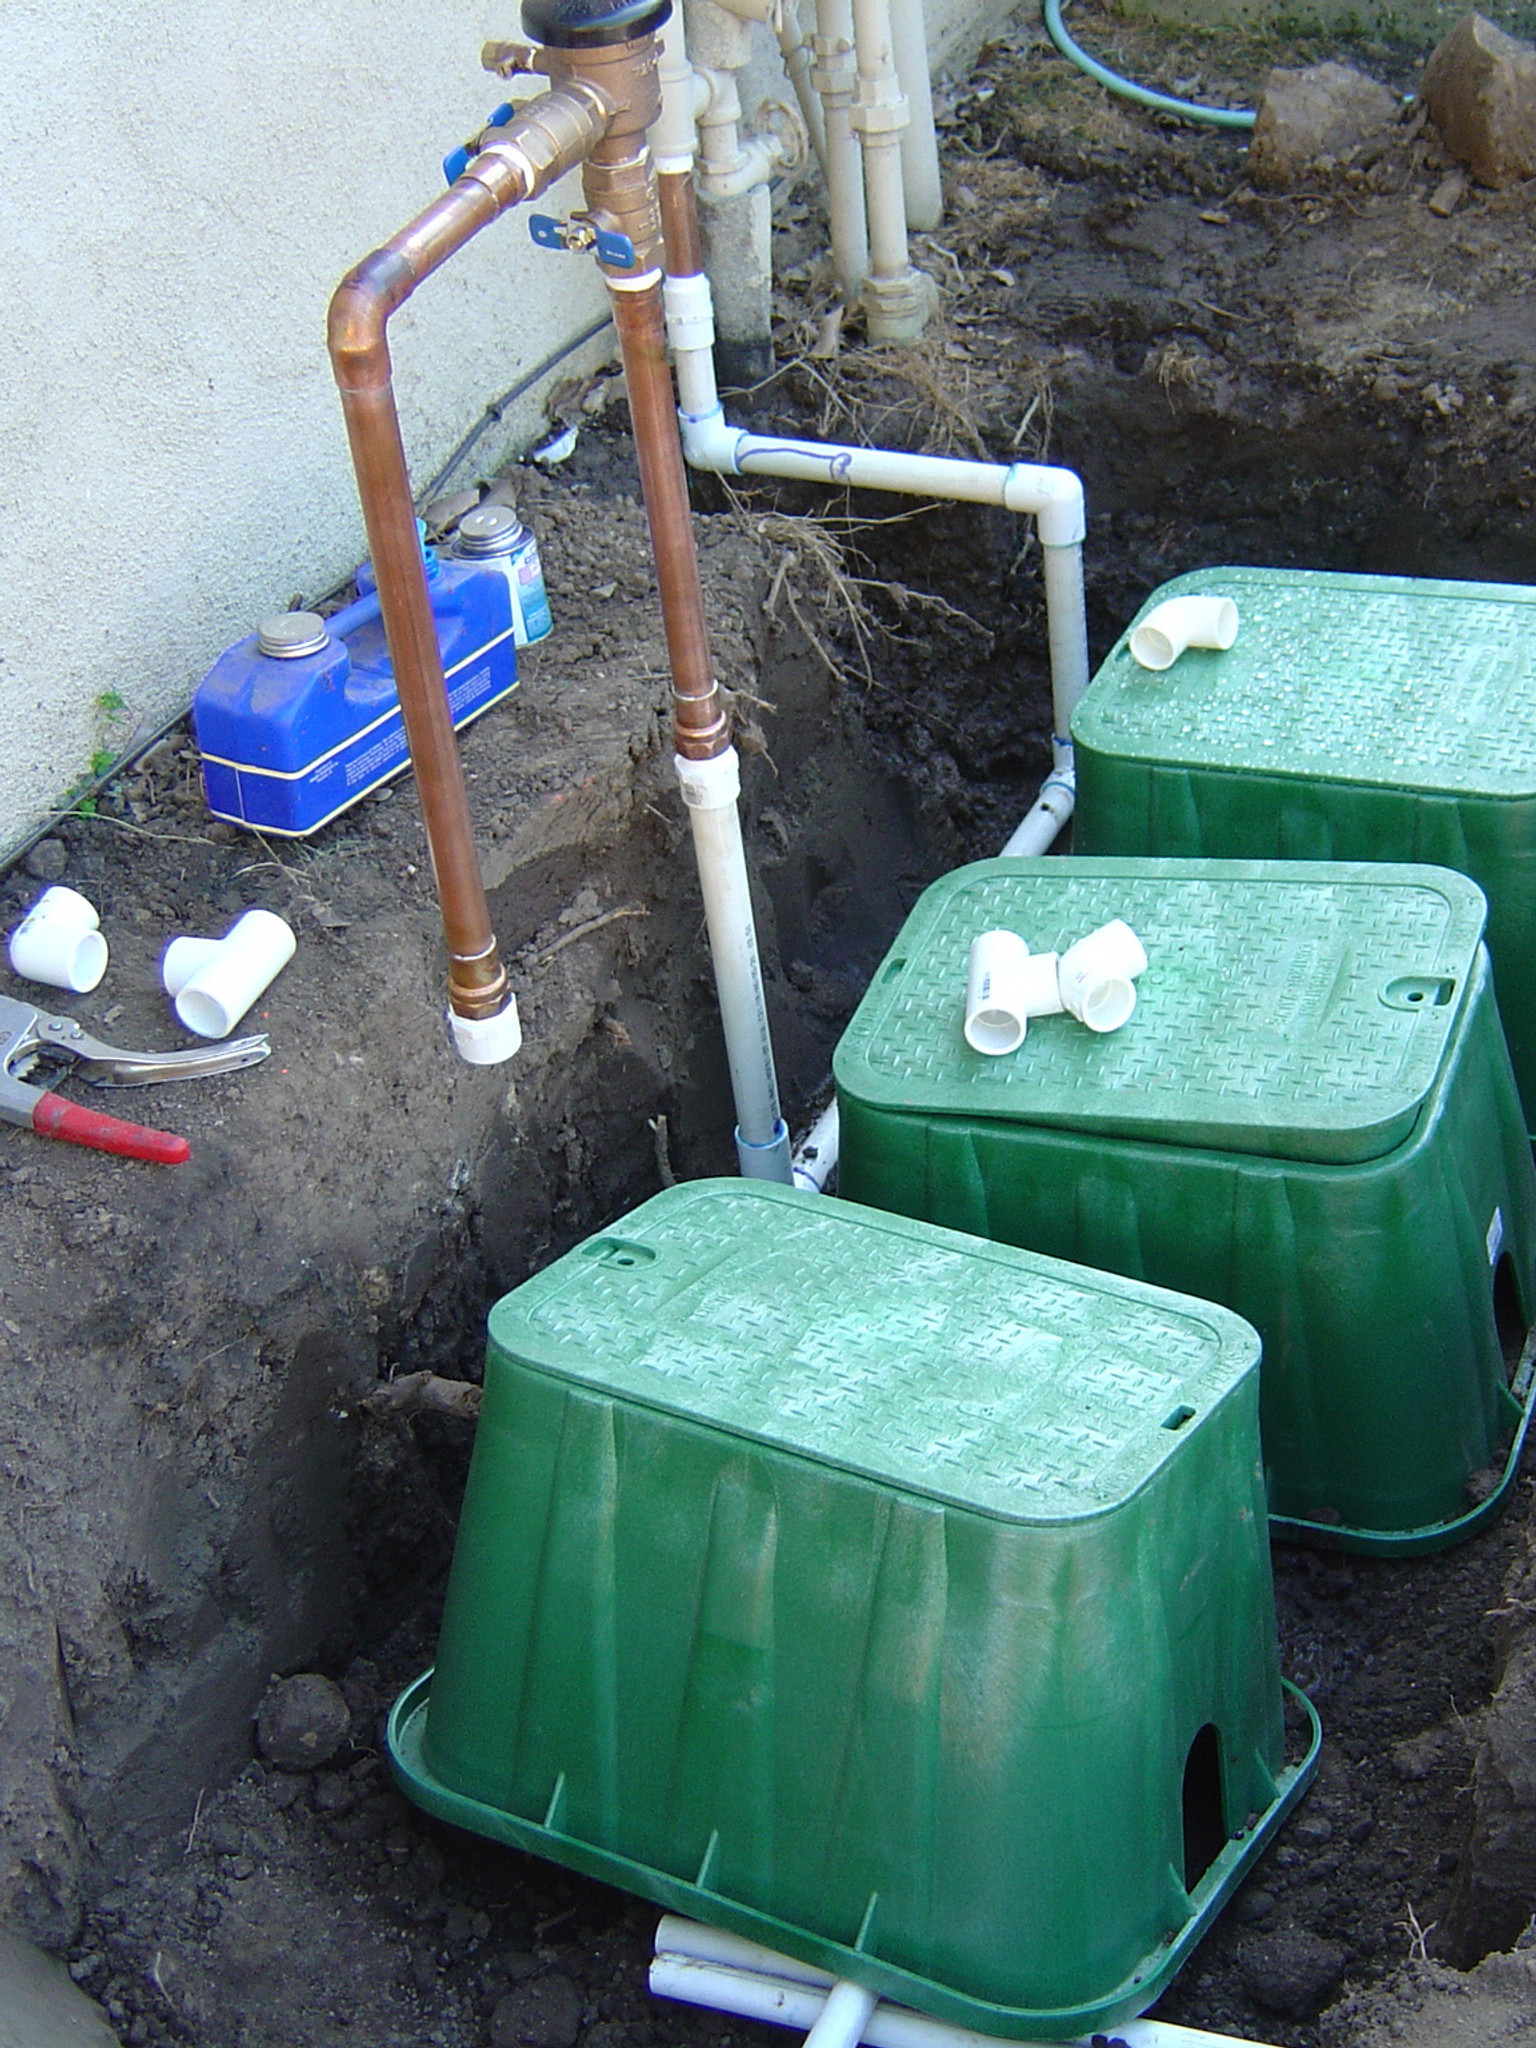 Irrigation/Sprinkler System Checkup